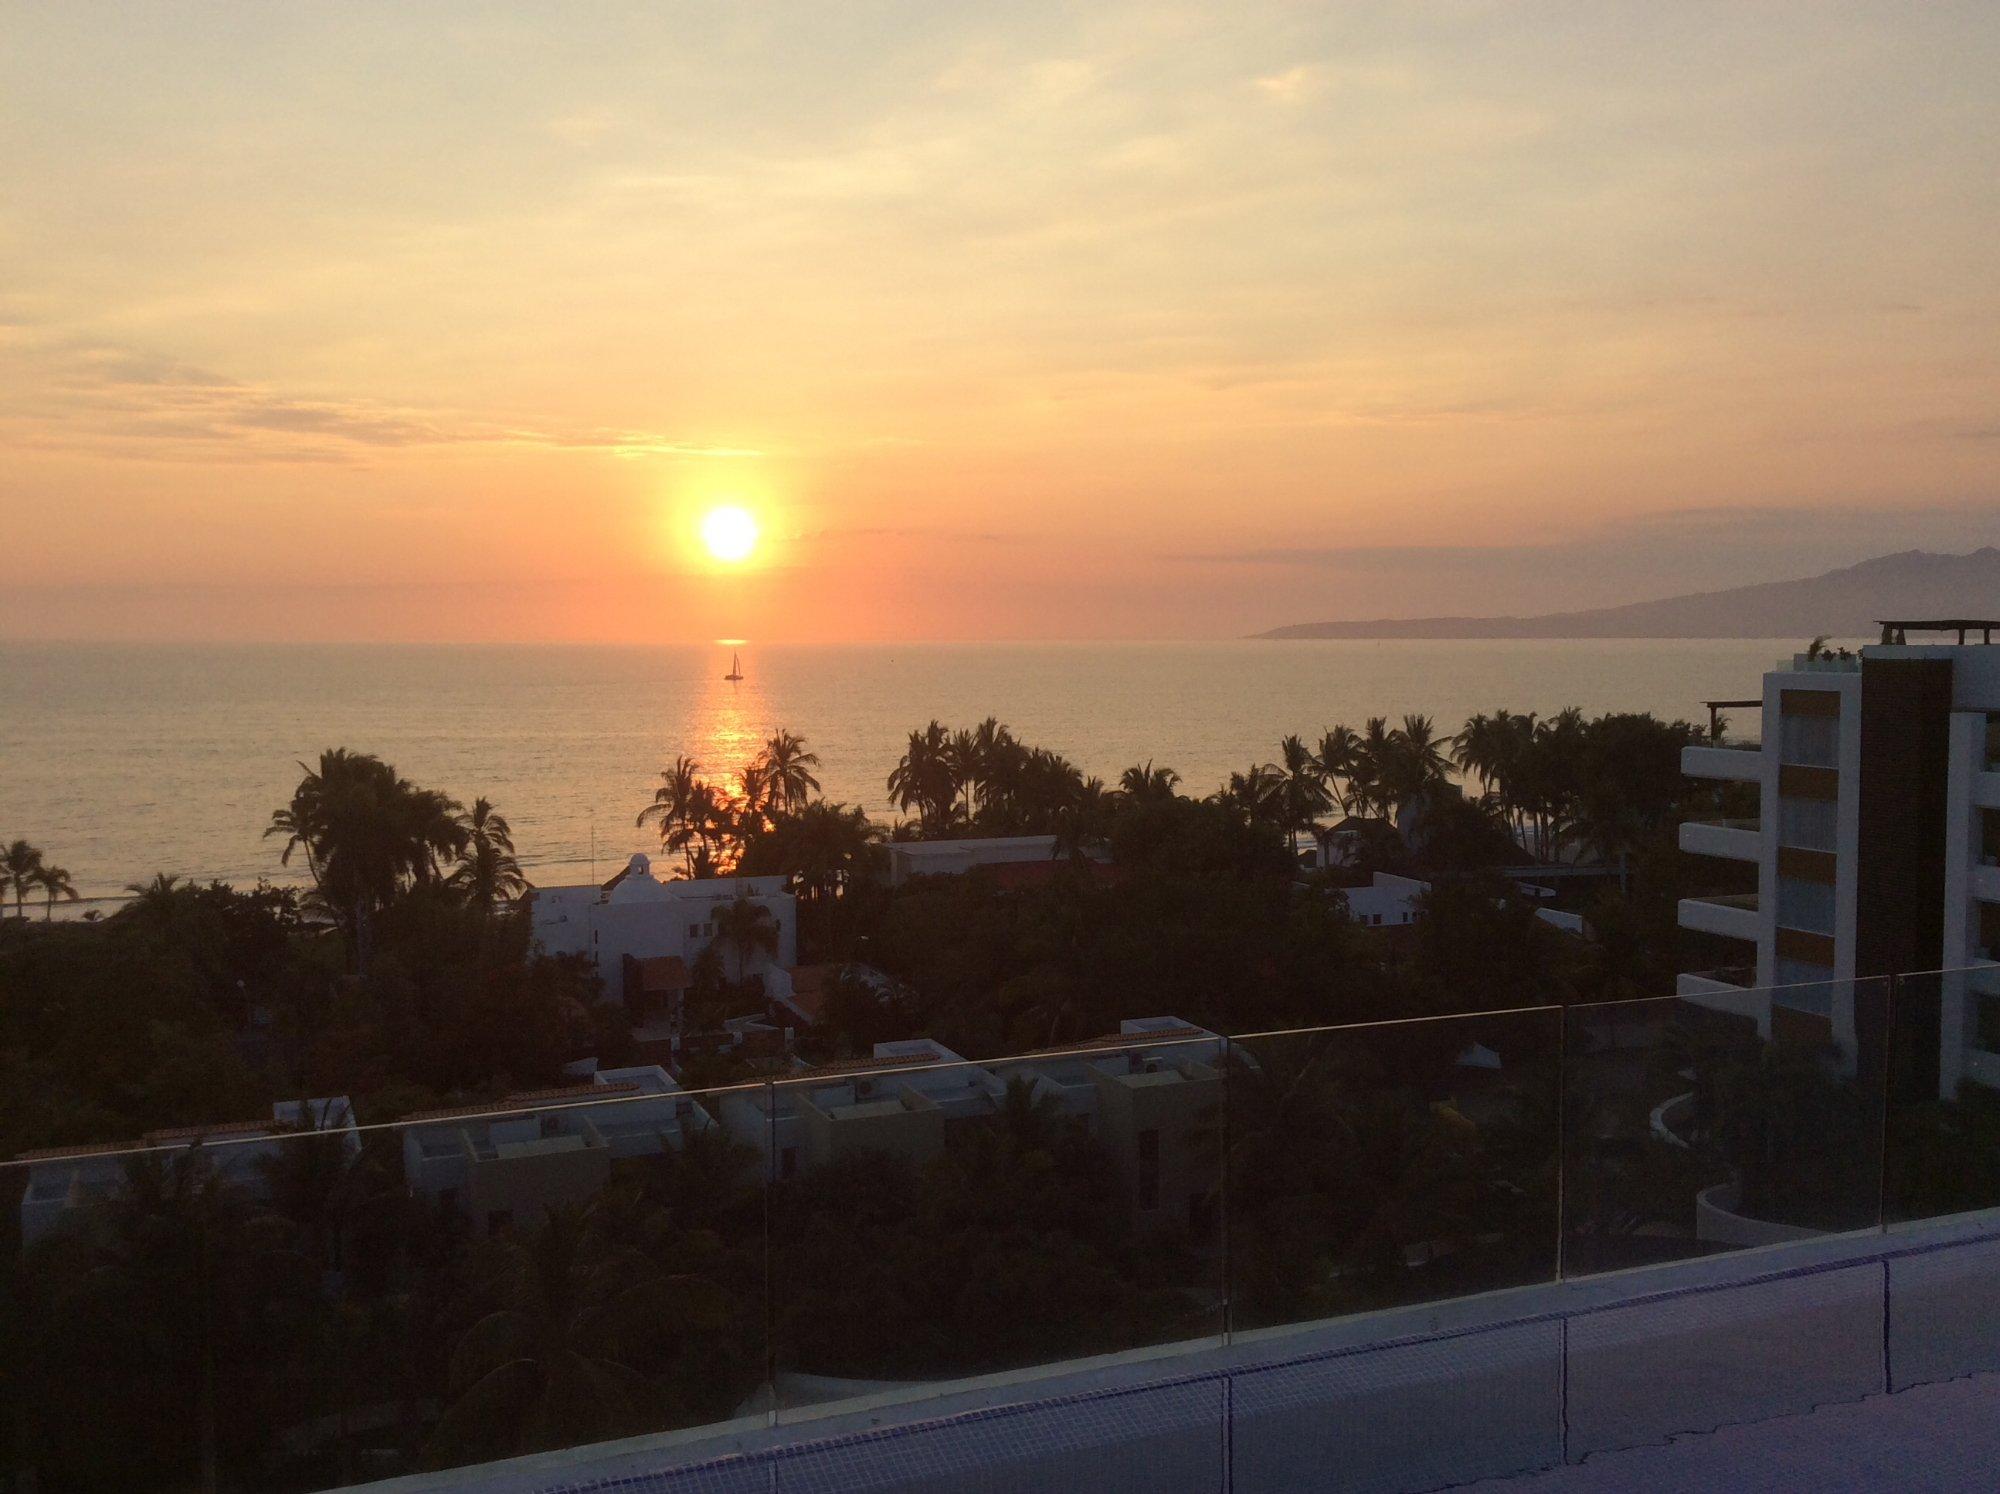 Magnifique coucher de soleil 🌅